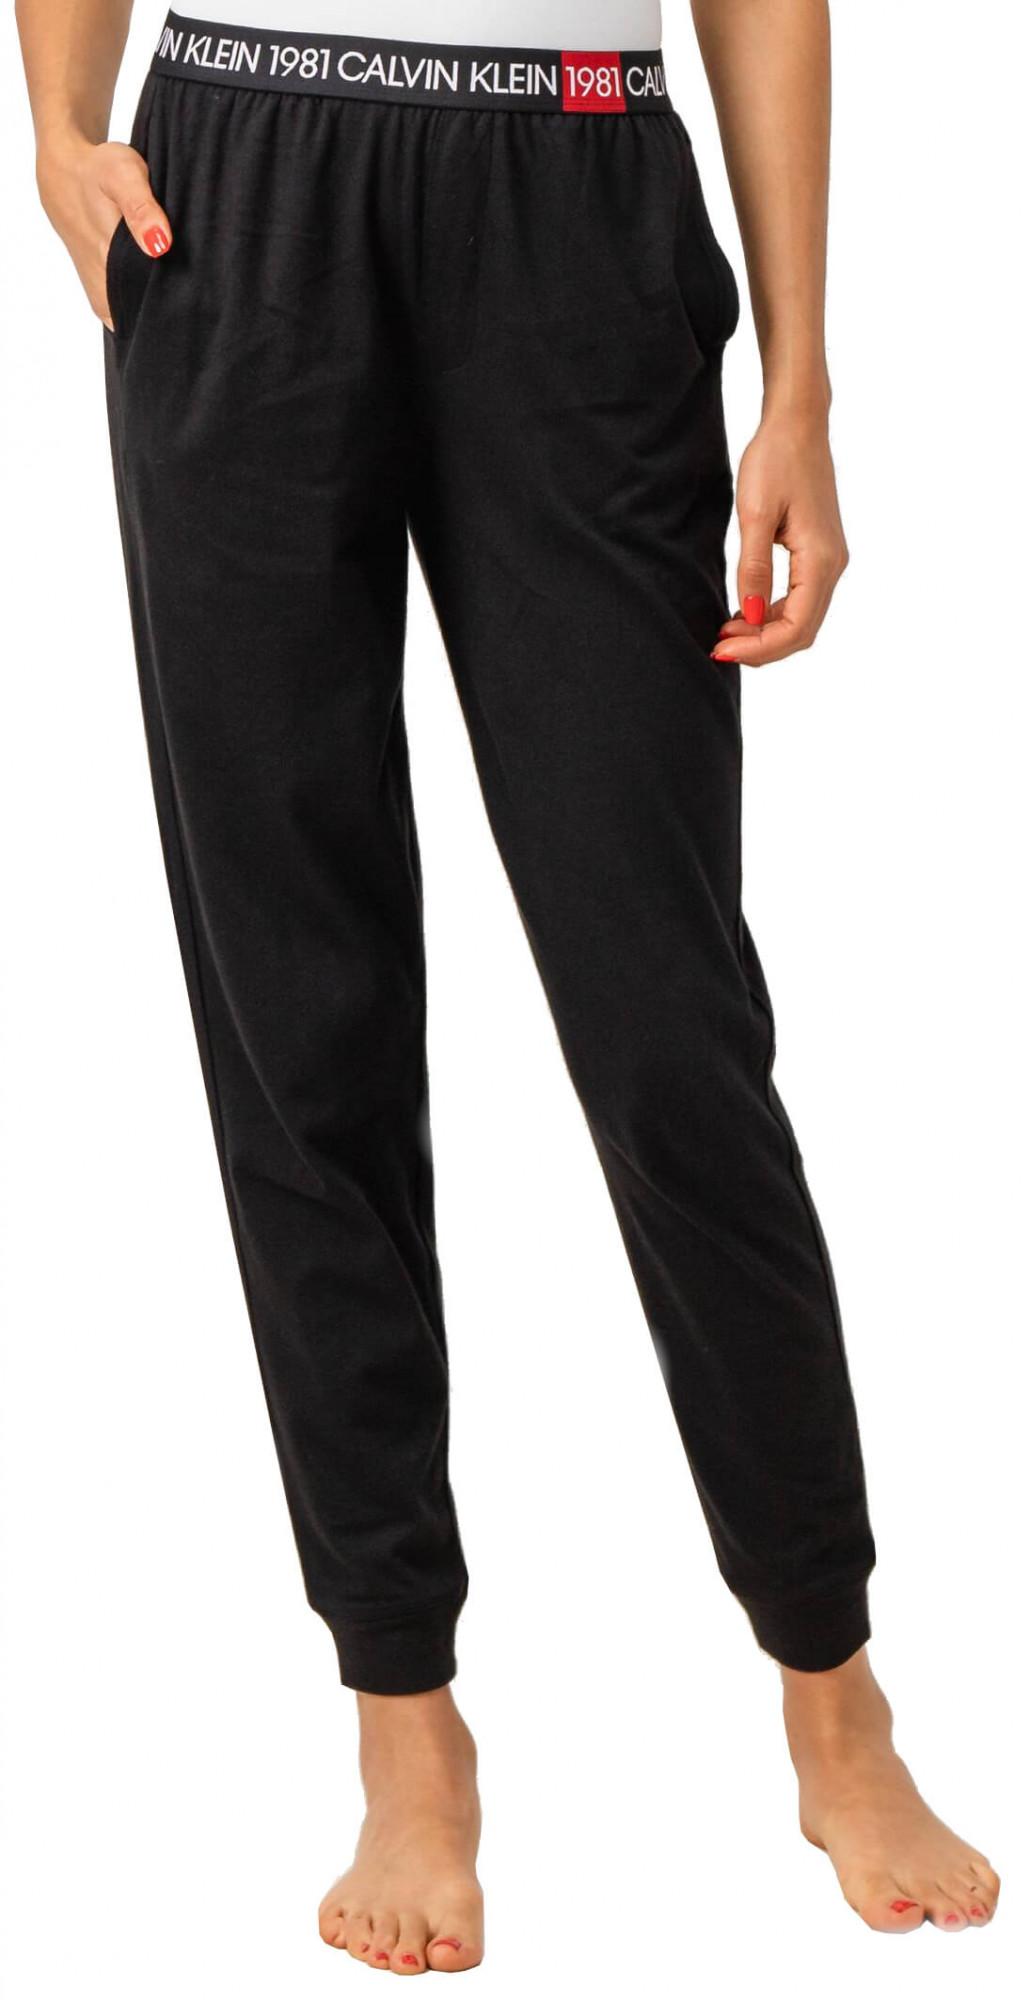 Dámské tepláky QS6311E-001 černá - Calvin Klein černá M